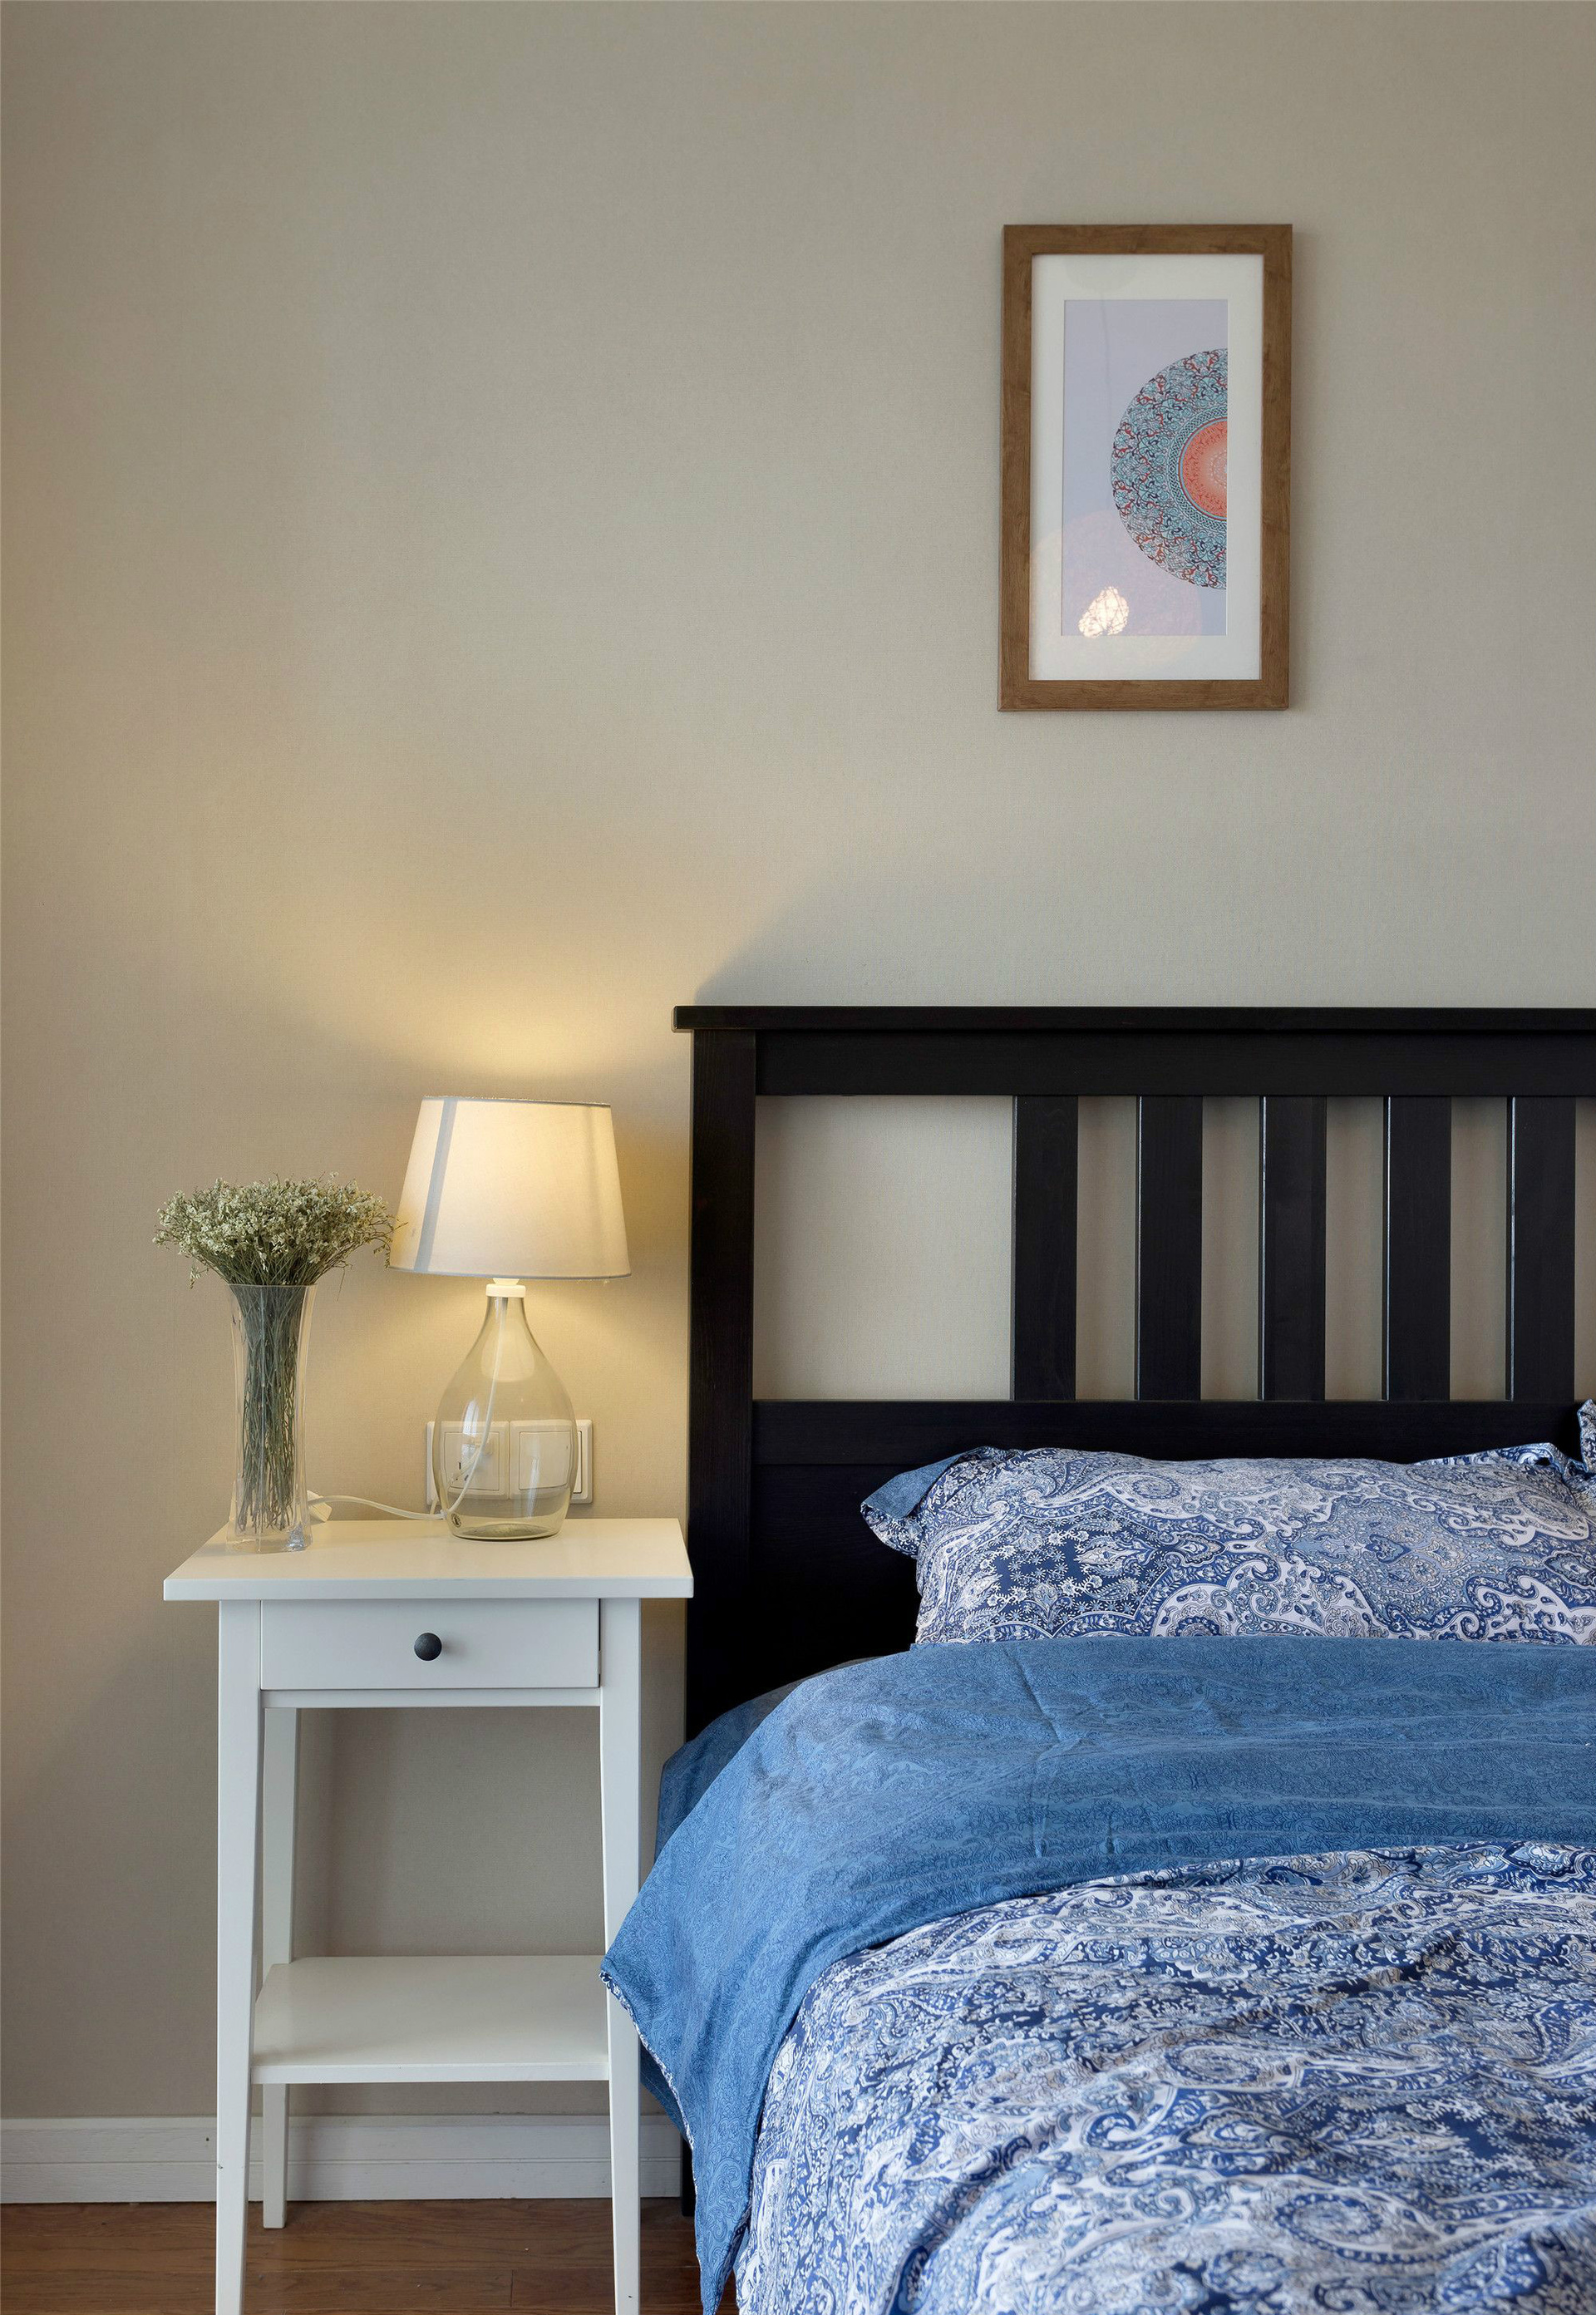 而次卧则在床头背景墙贴上北欧意境的墙纸,搭配亮色的床单,还有窗边的